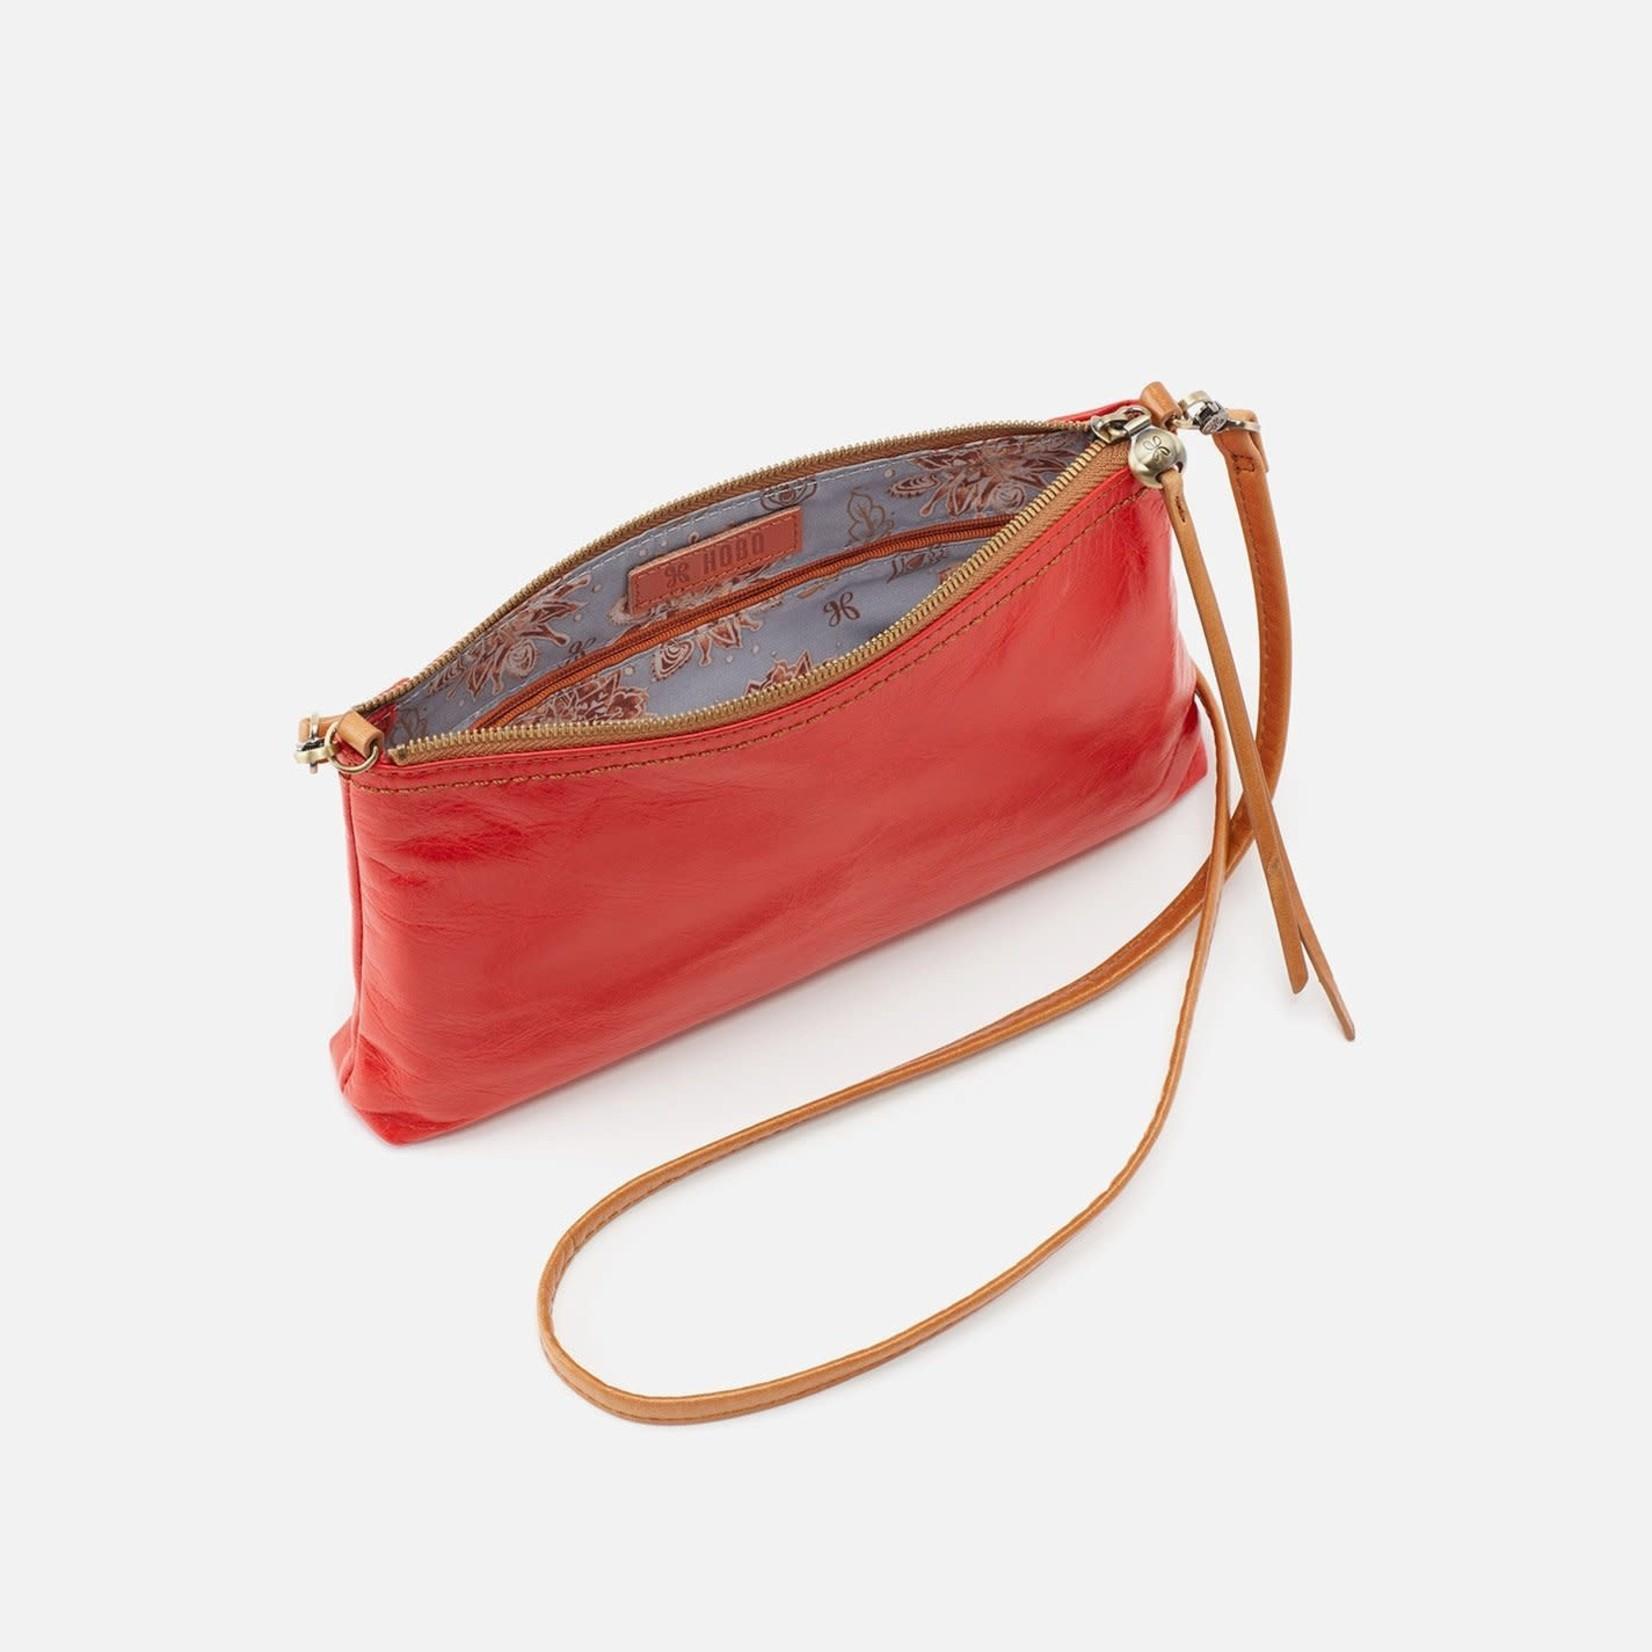 HOBO Darcy Rio Vintage Hide Leather Wristlet/Crossbody